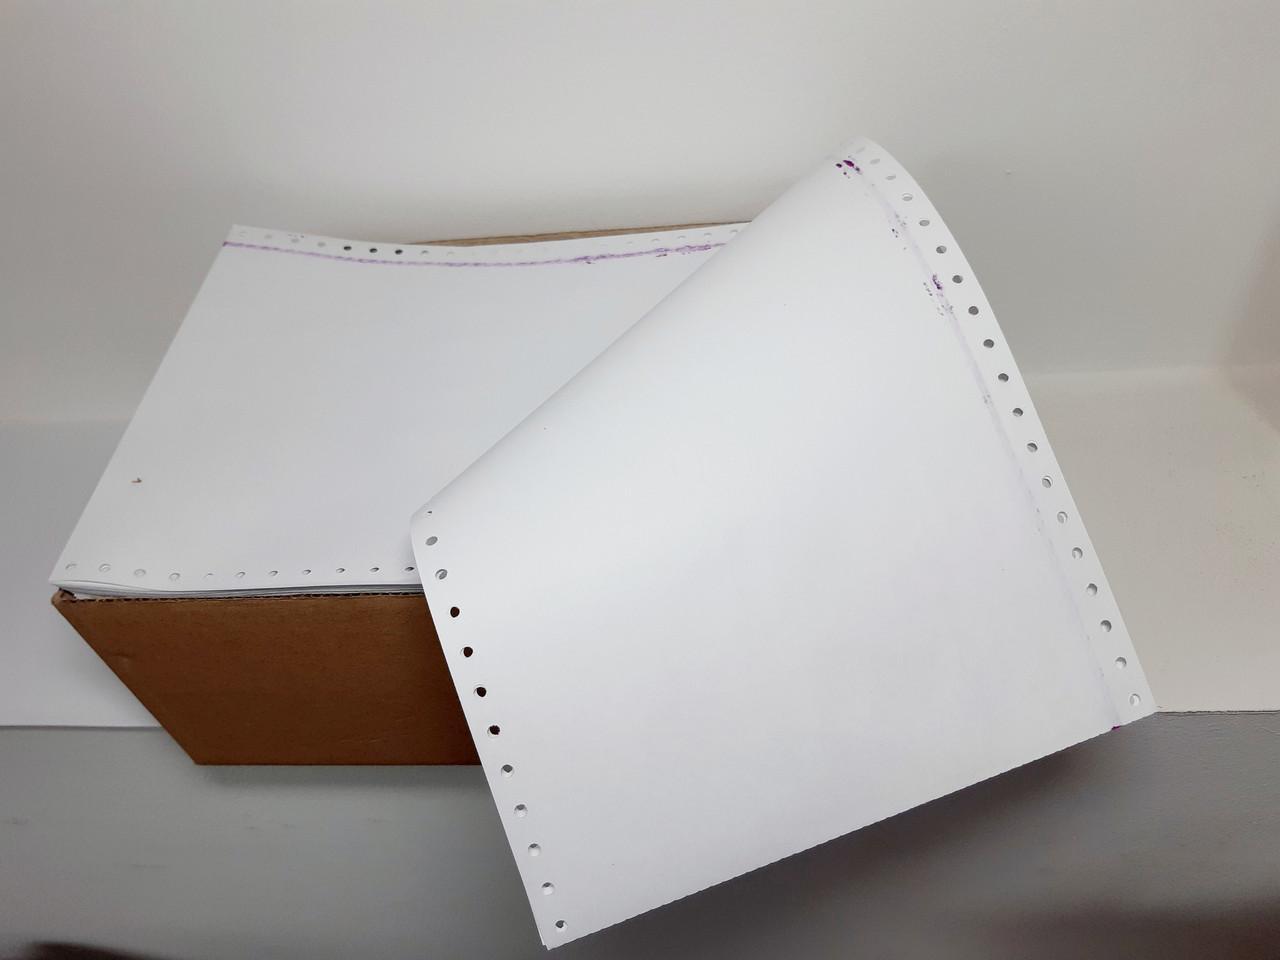 Бумага перфорированная фальцованная СПФ 210 SL 55г/м2